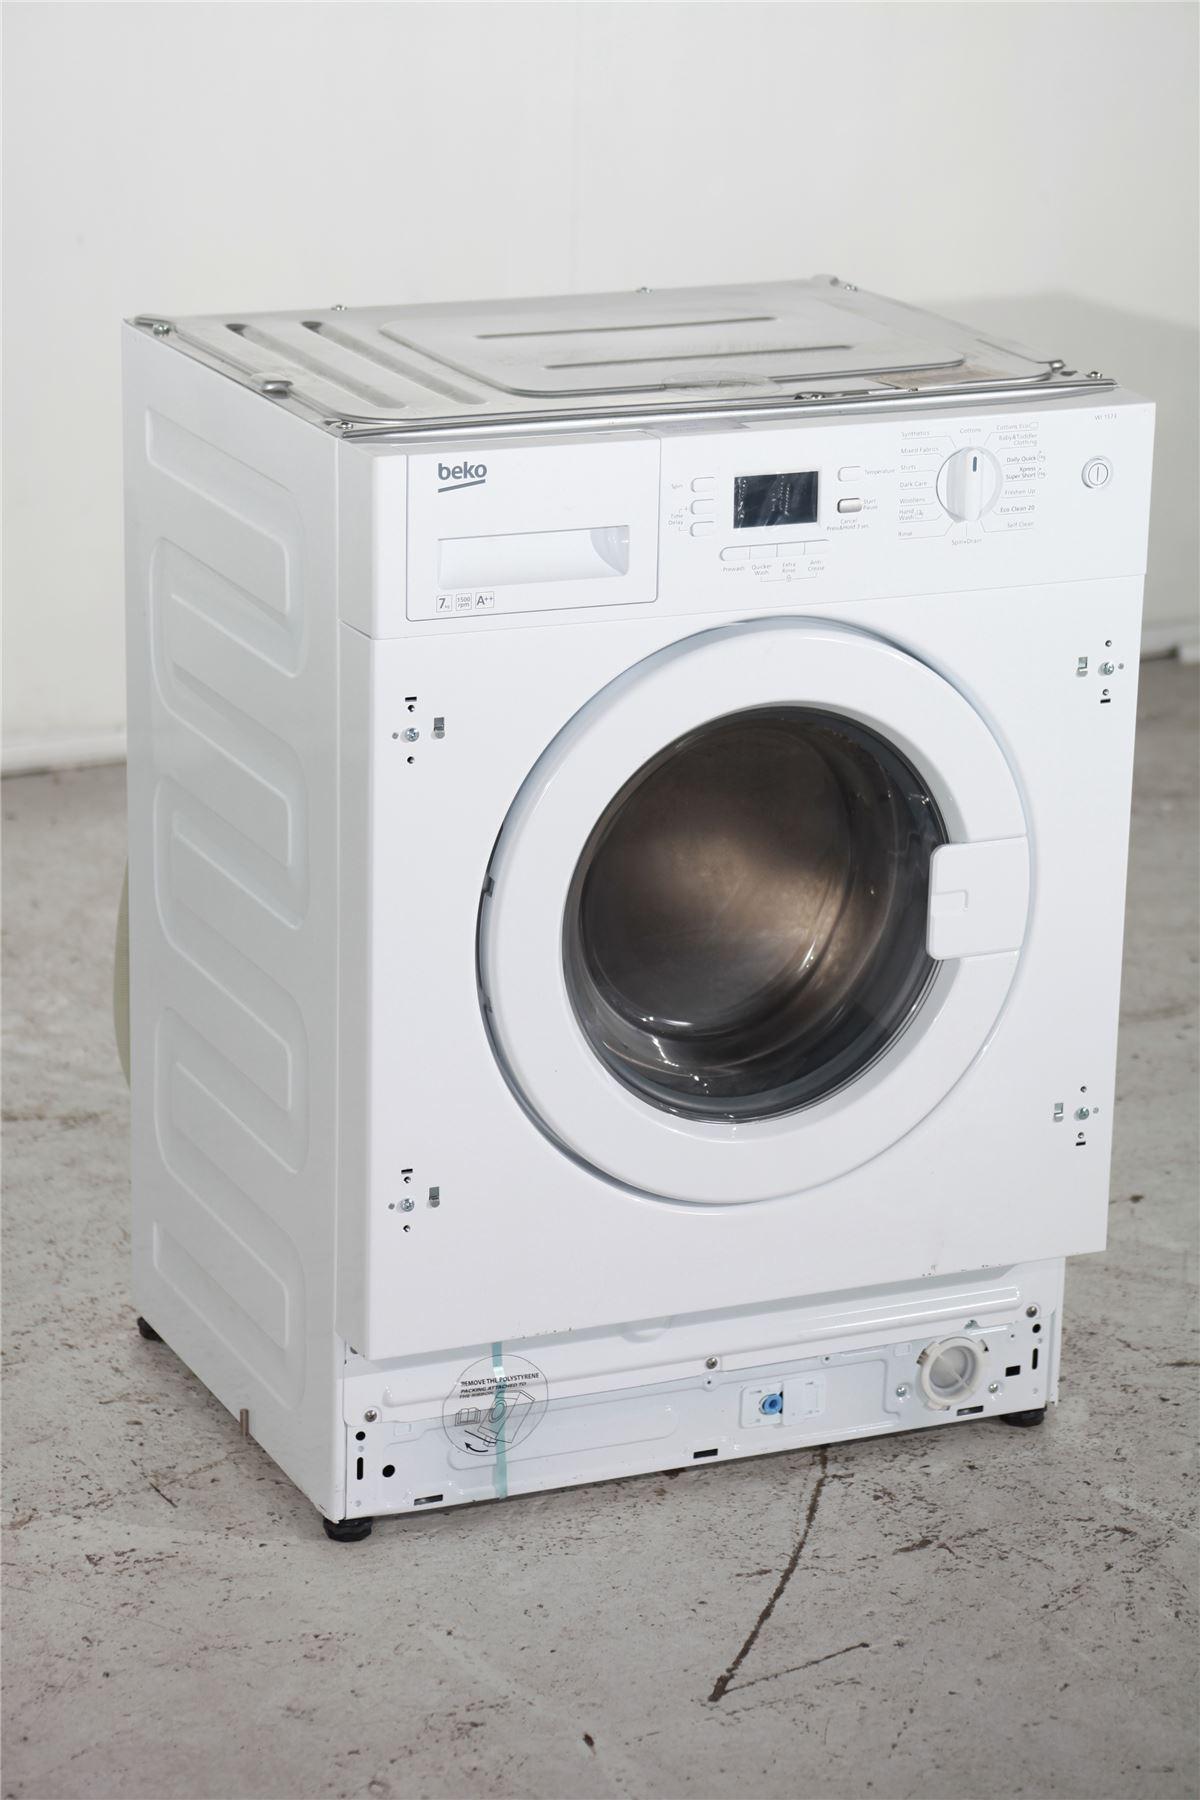 beko 7kg 1500rpm integrated washing machine wi1573. Black Bedroom Furniture Sets. Home Design Ideas